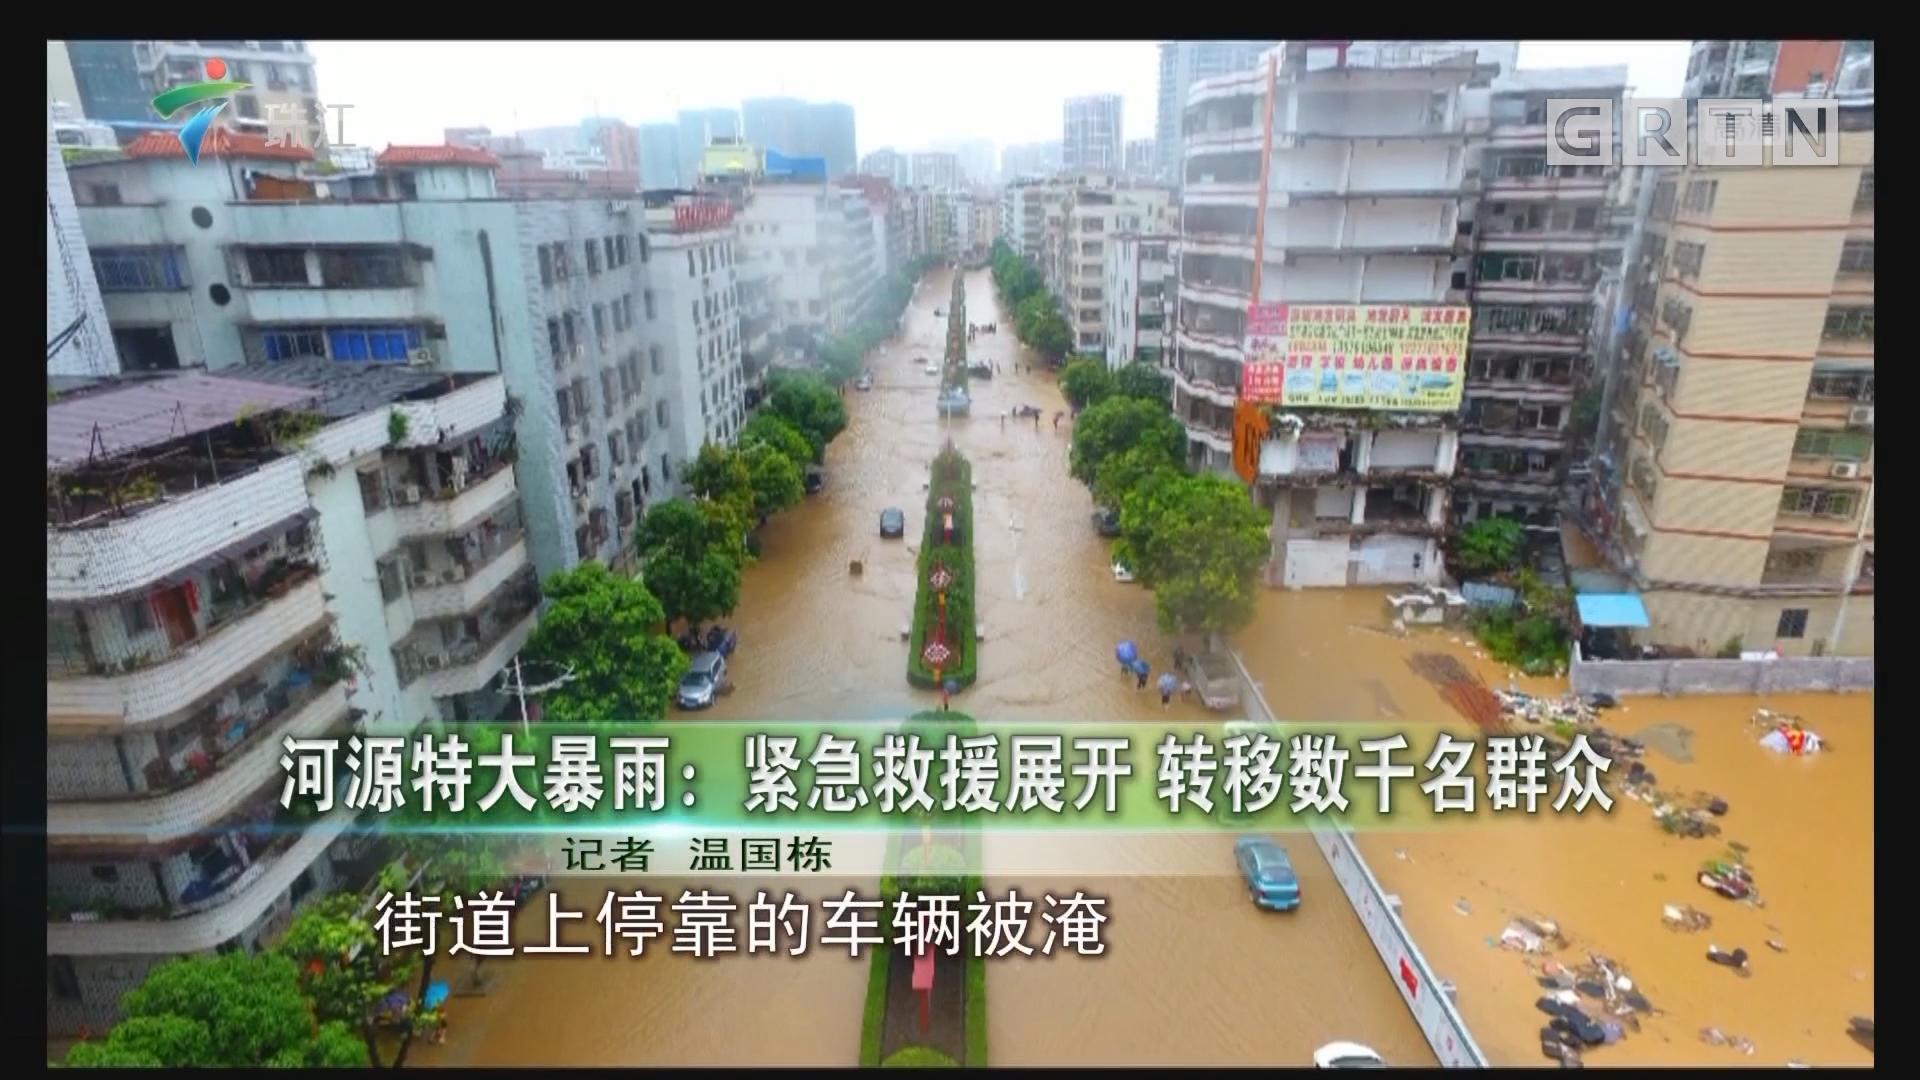 河源特大暴雨:緊急救援展開 轉移數千名群眾